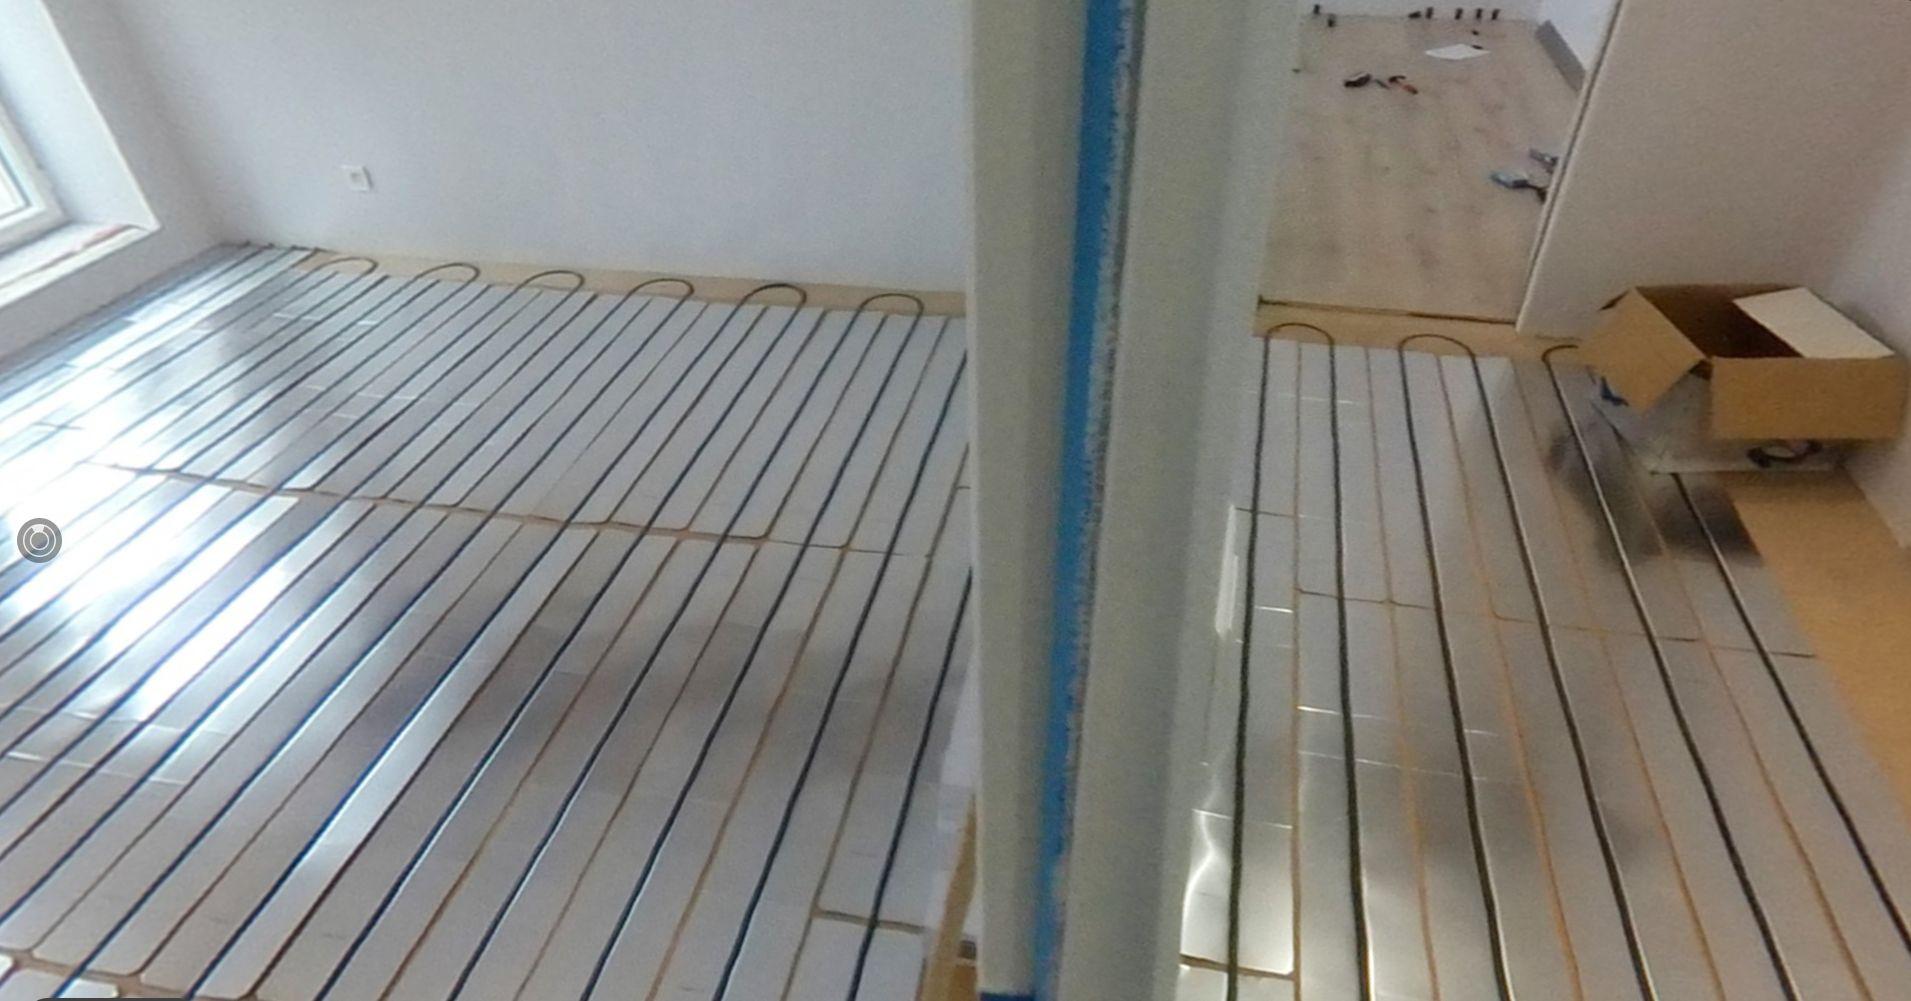 Pose des diffuseurs aluminium et tuyaux d'eau tièdes